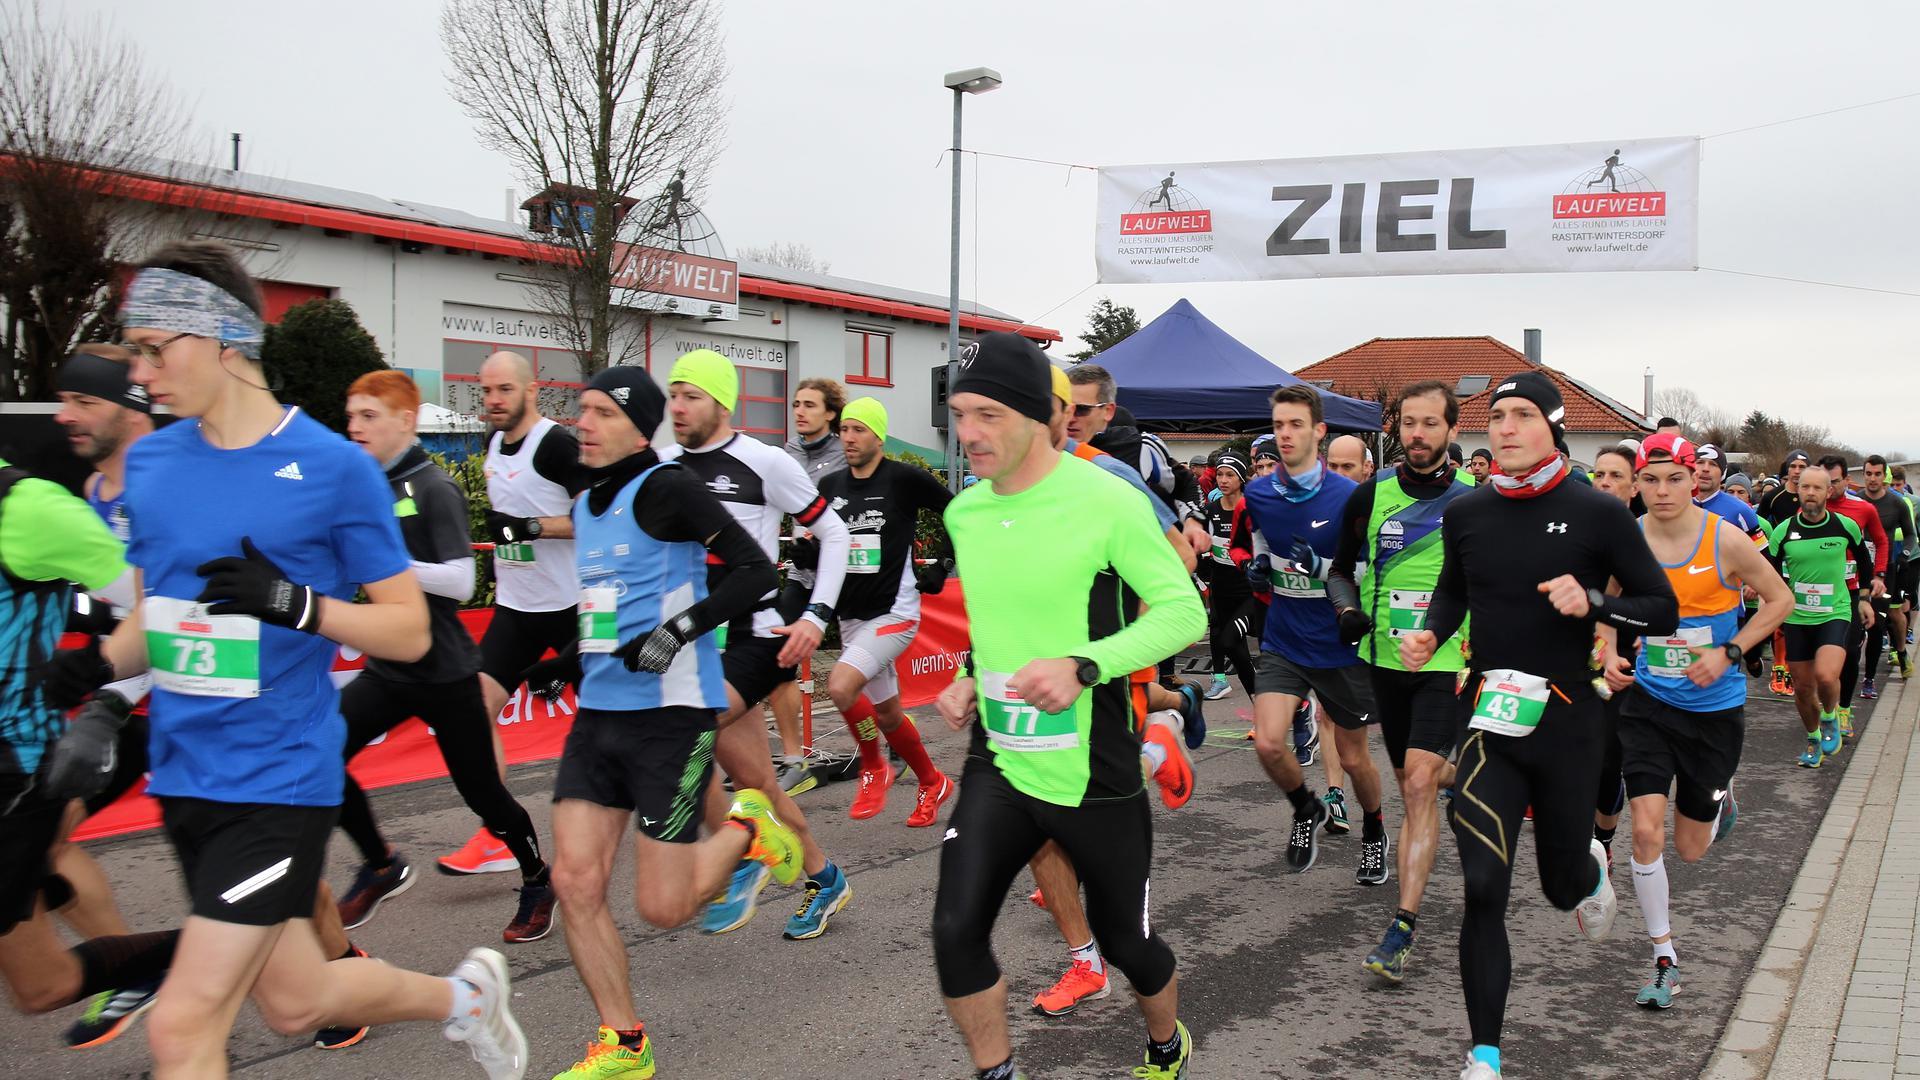 Läufer, im Hintergrund Banner mit Aufschrift Ziel